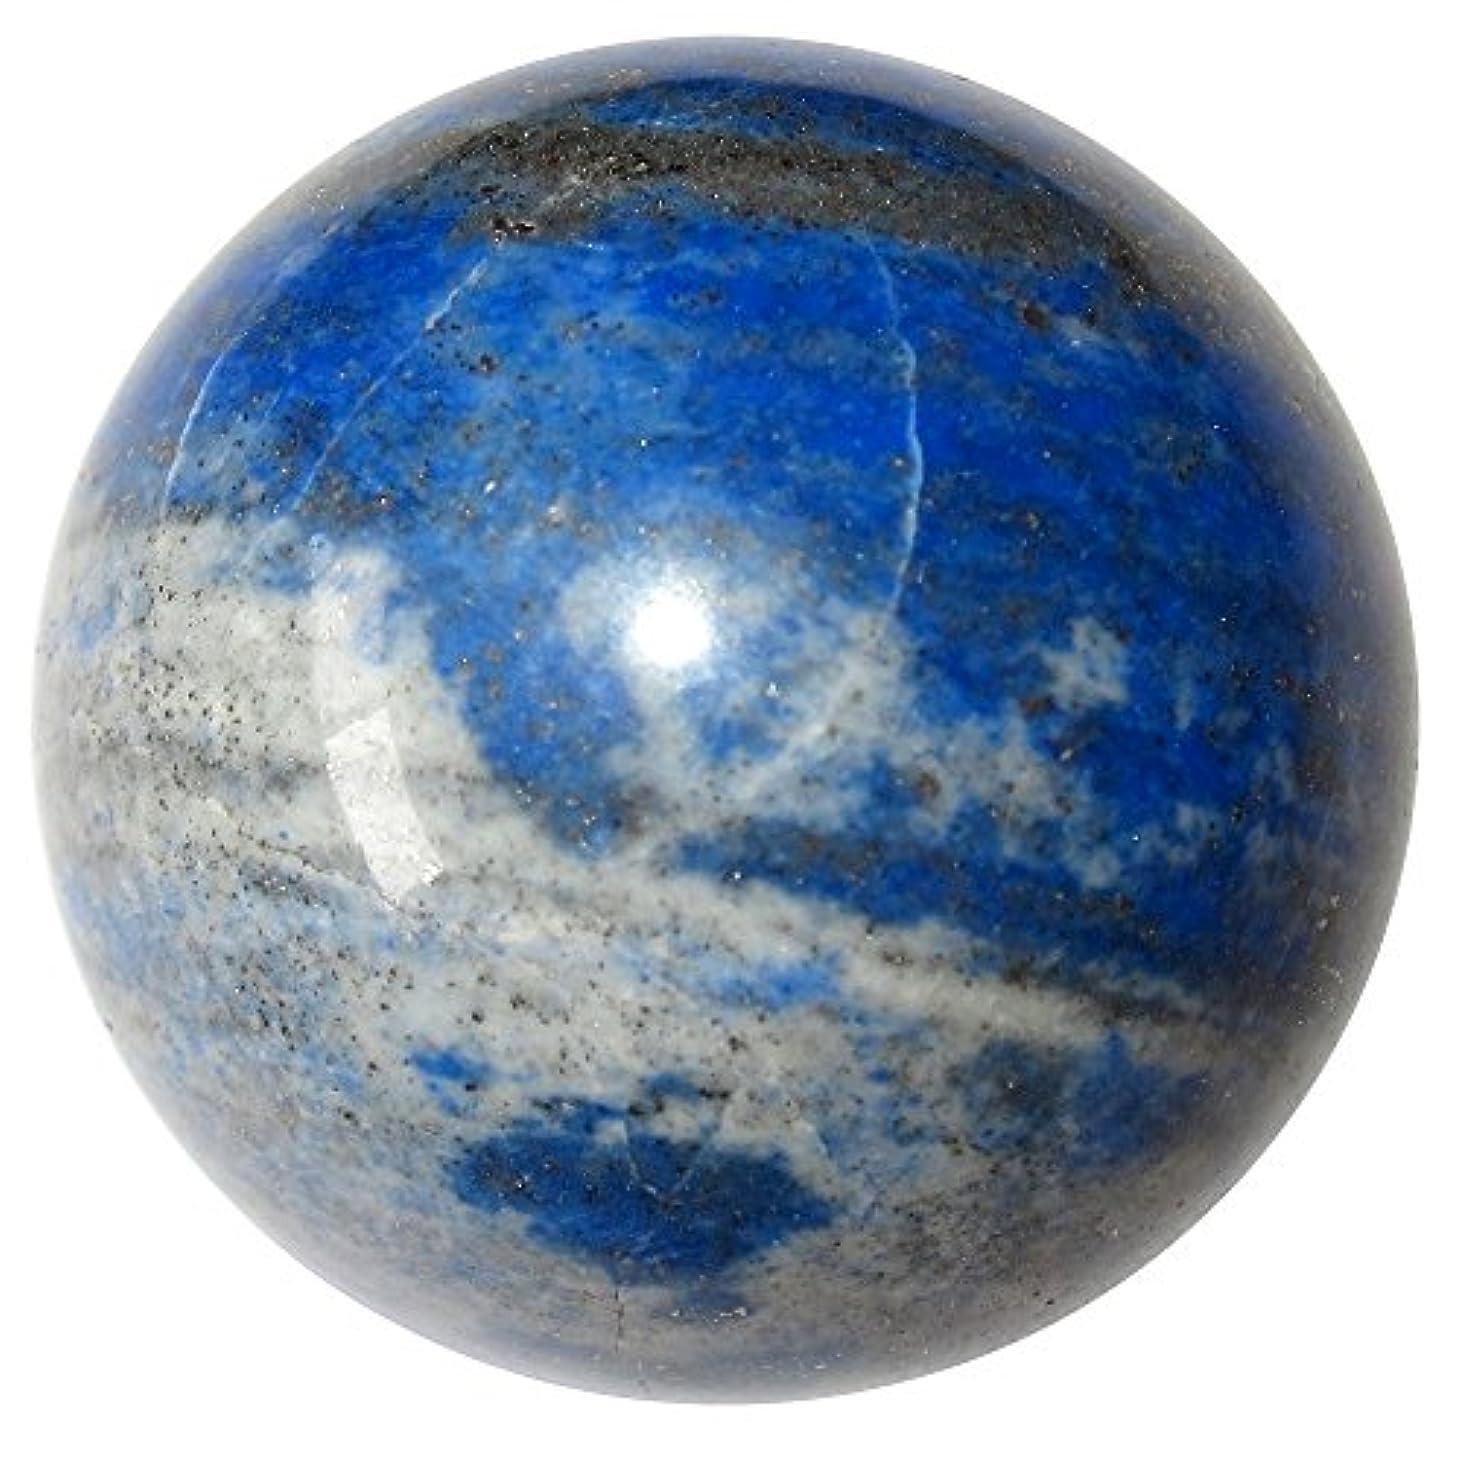 ディレクタープレビュースタジオサテンクリスタルLapisボールプレミアムブルーLazuli Third Eye Chakra直感的なHealing Precious Stone球p03 1.6 Inches ブルー lapisball03-afghanearth-1.6